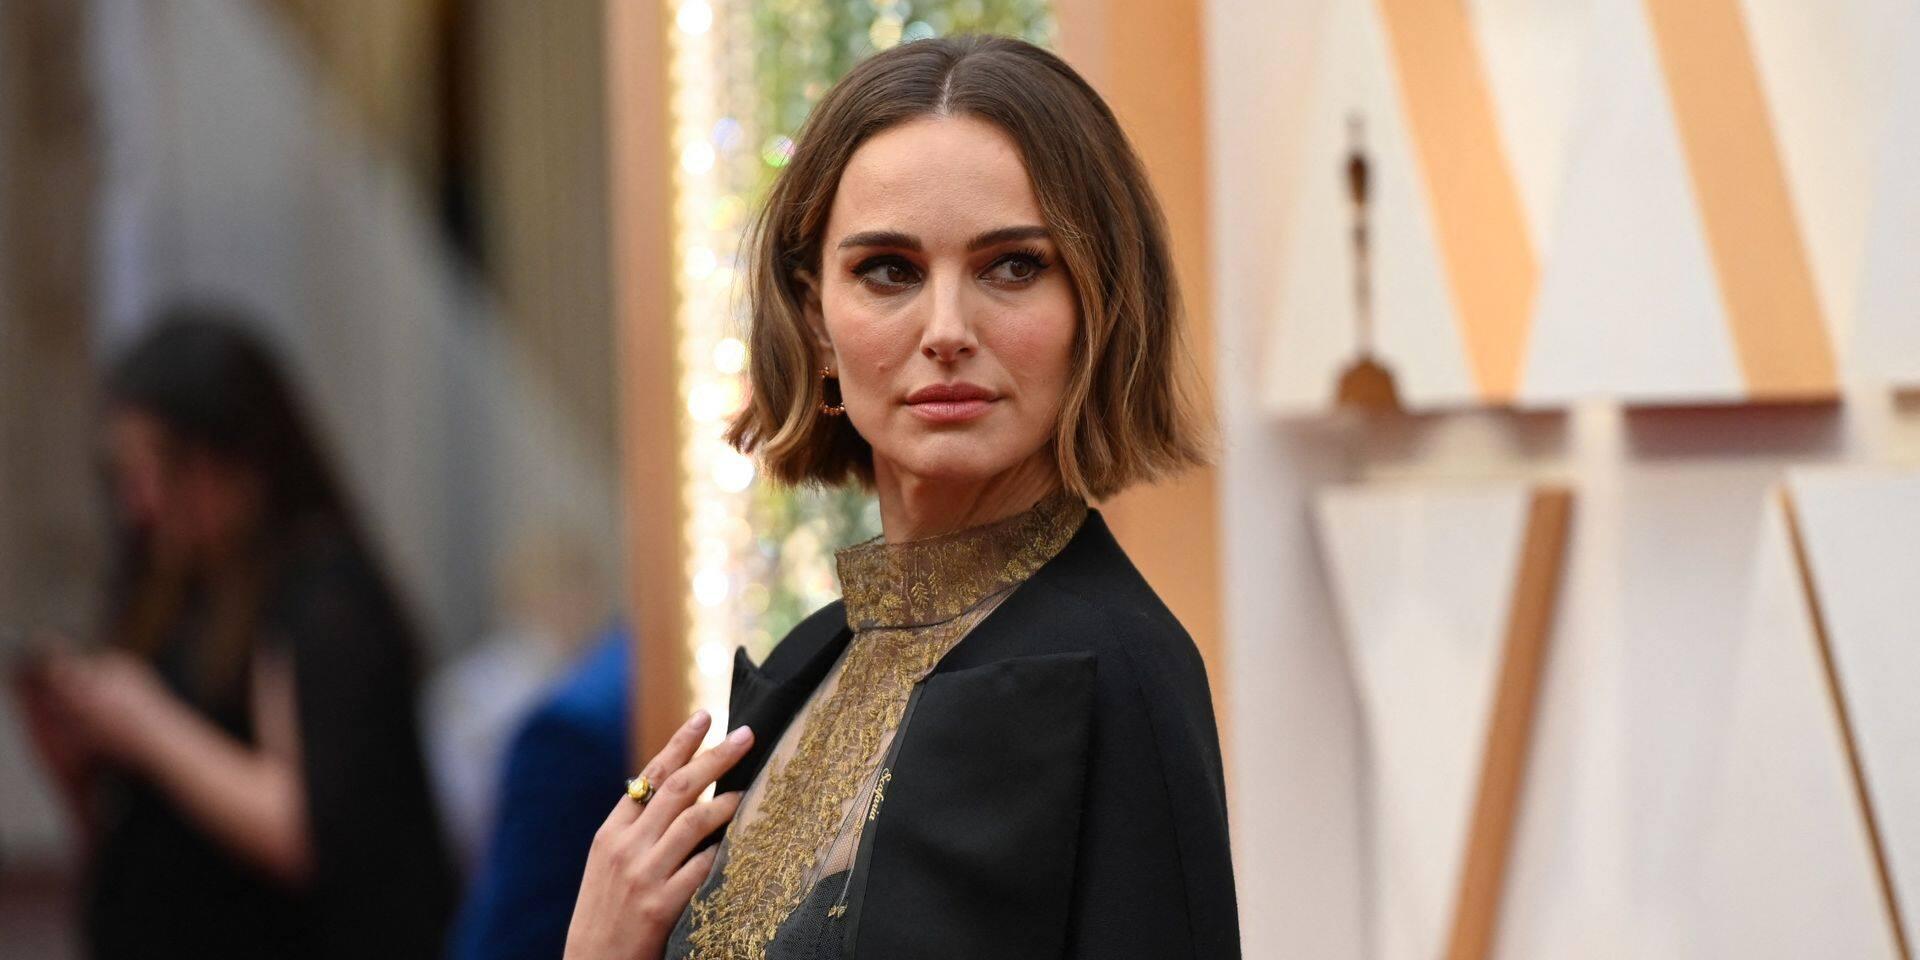 La transformation physique de Natalie Portman, ultra musclée, surprend la toile